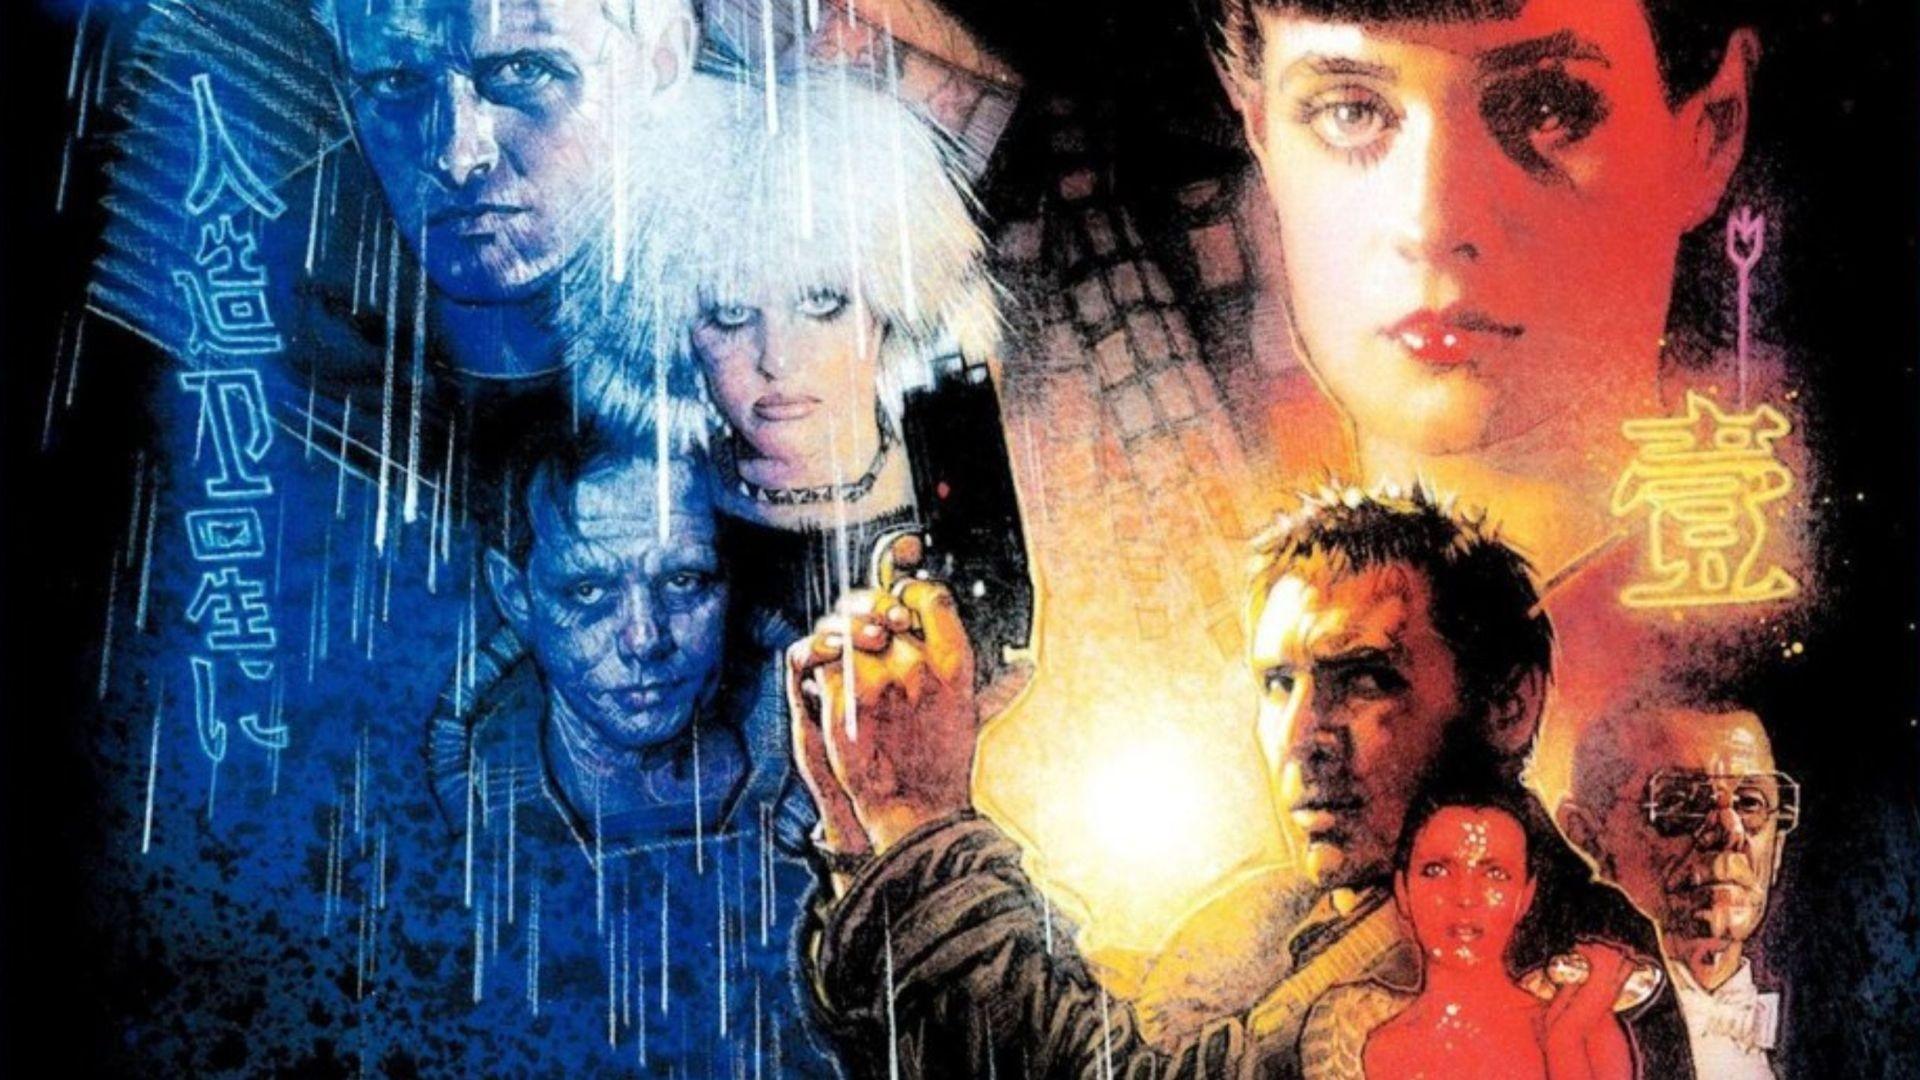 Ravenseniors Blade Runner